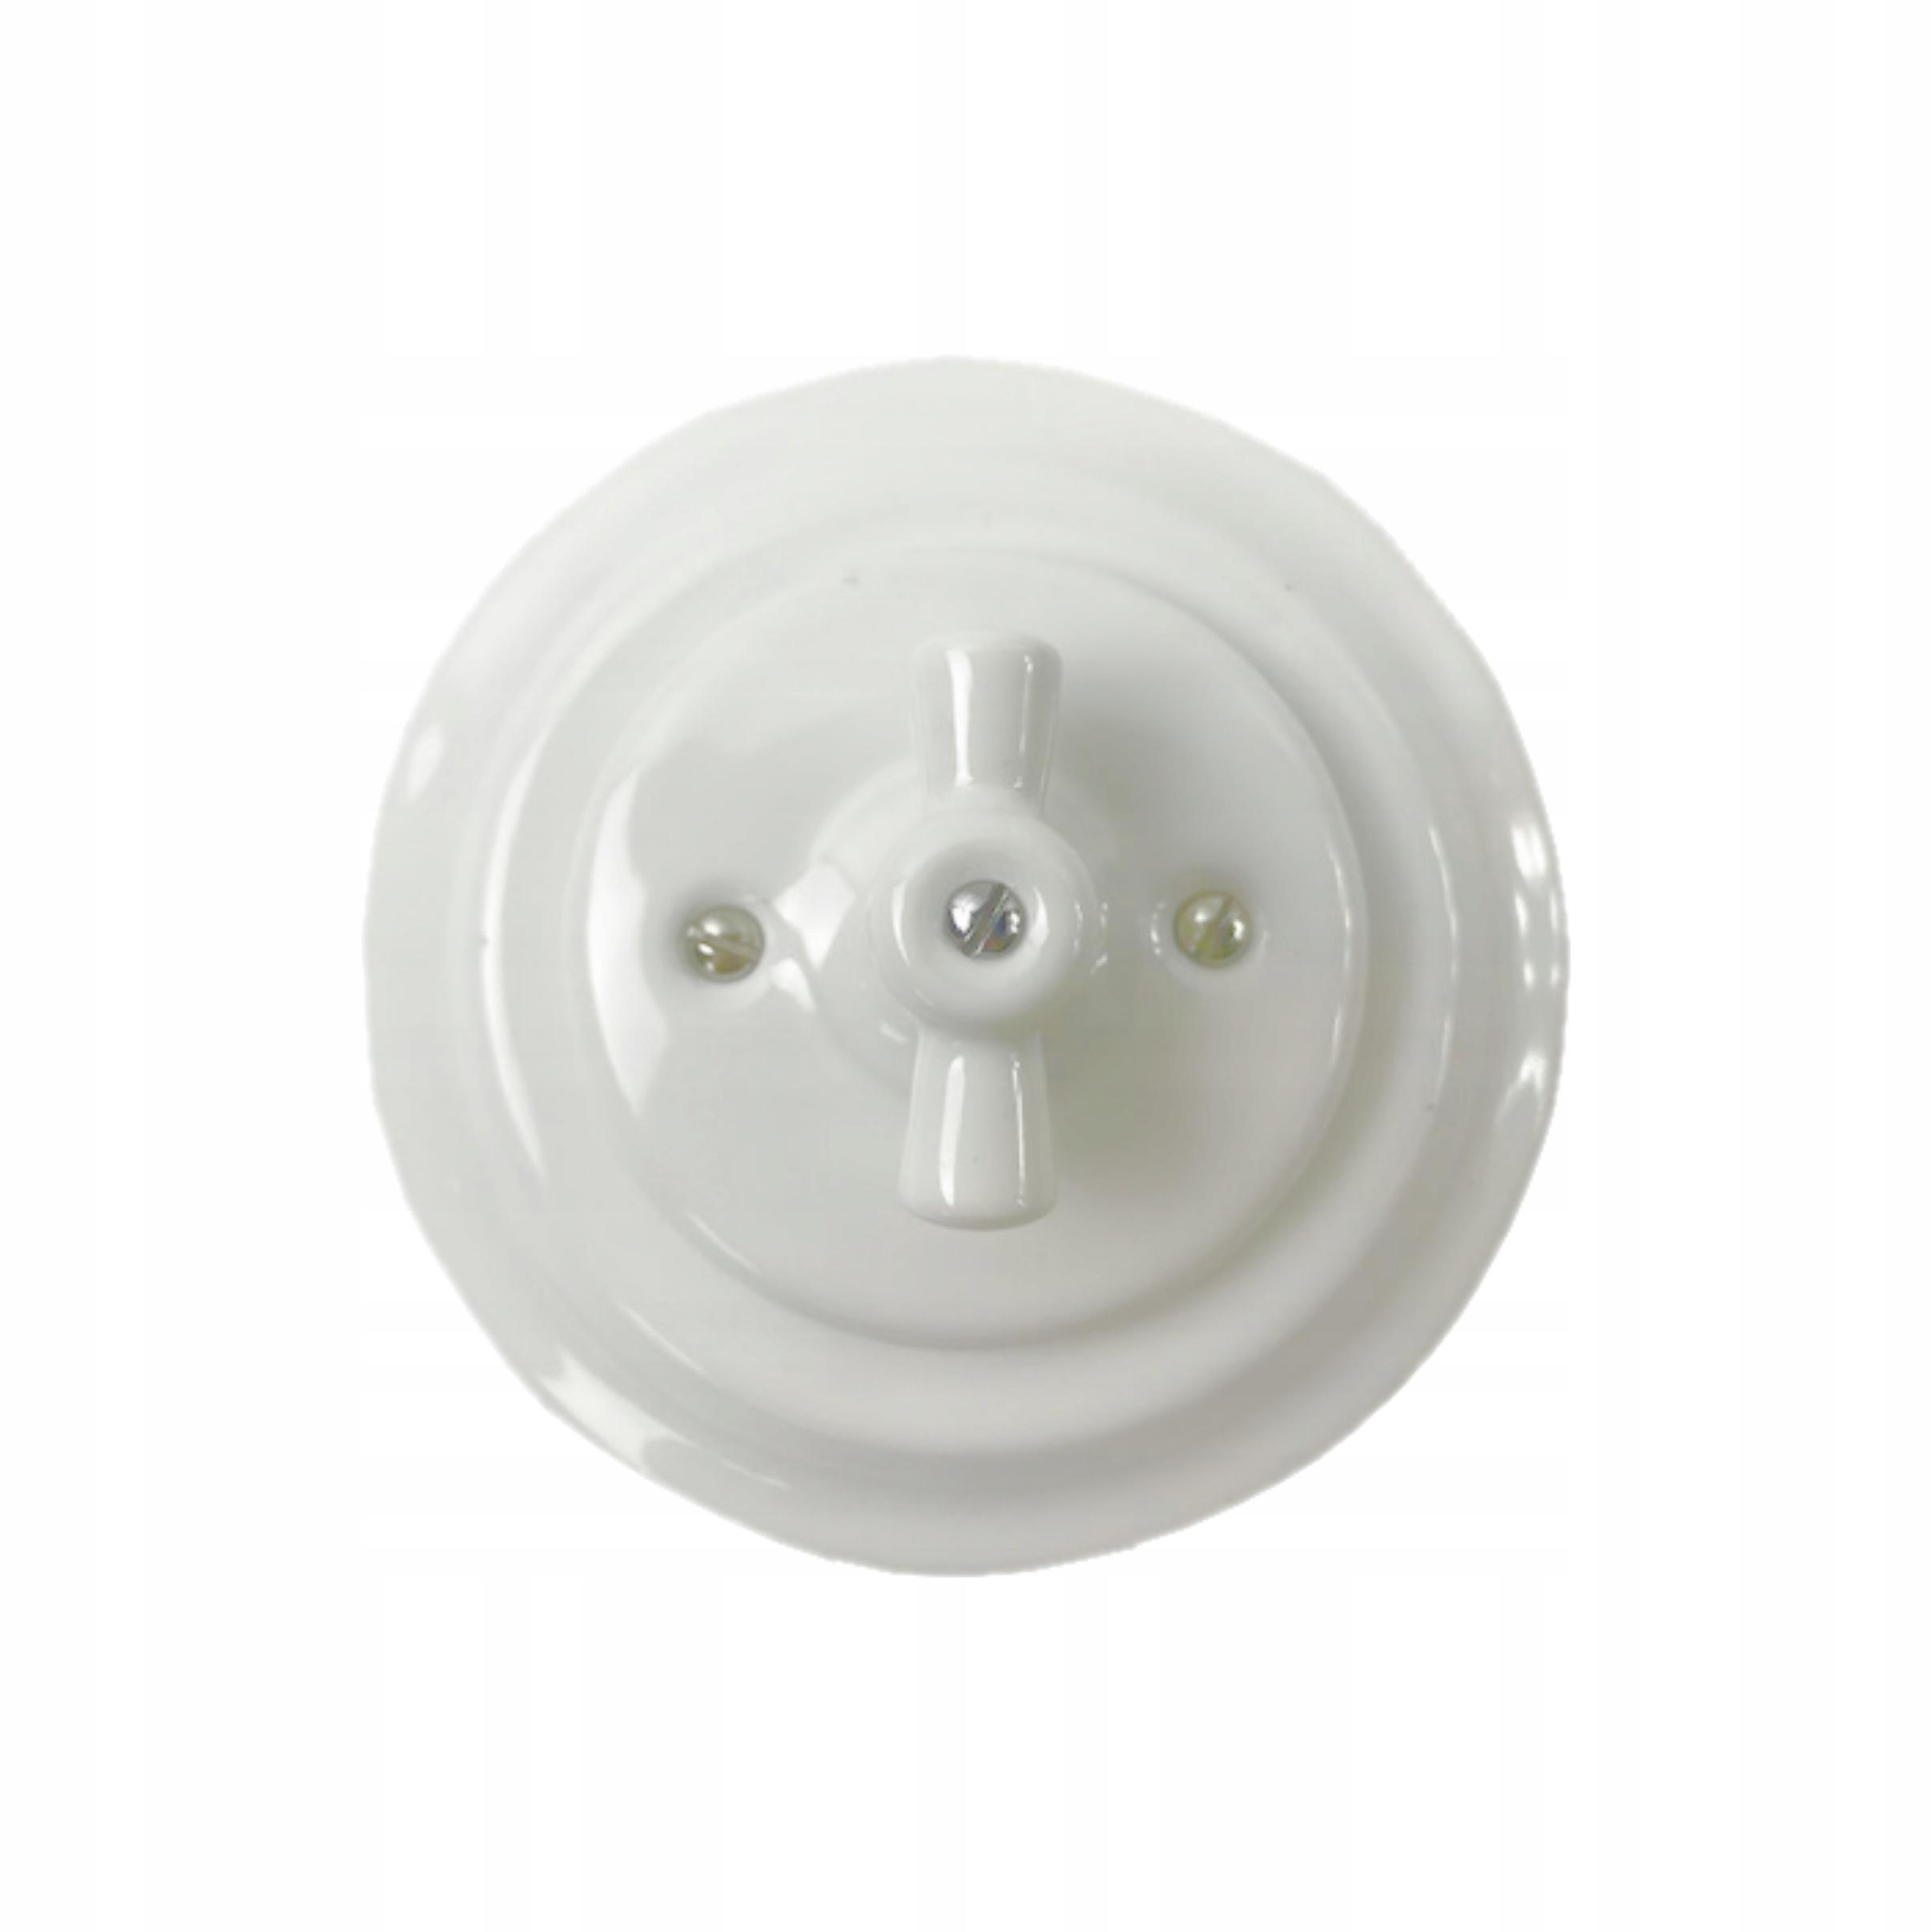 Light switch ANTICA retro biele keramické